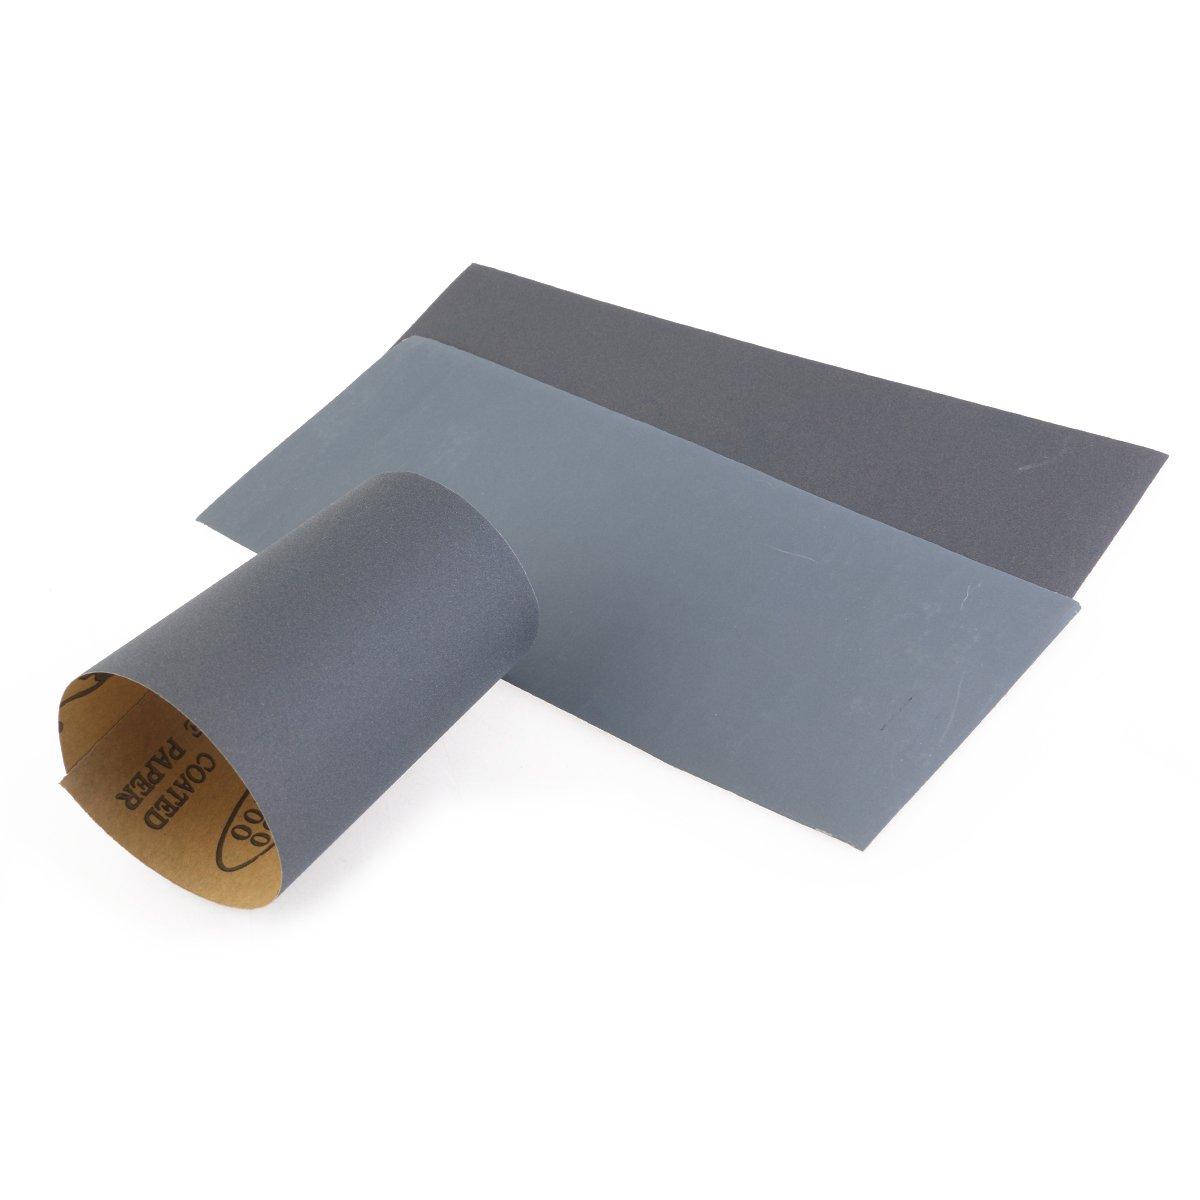 36 St/ück 400 to 3000 Grit Schleifpapier Sortiment Trocken//Nass F/ür Automobilschleifen Holzbearbeitung und Holzdrehen Schleifpapier Set